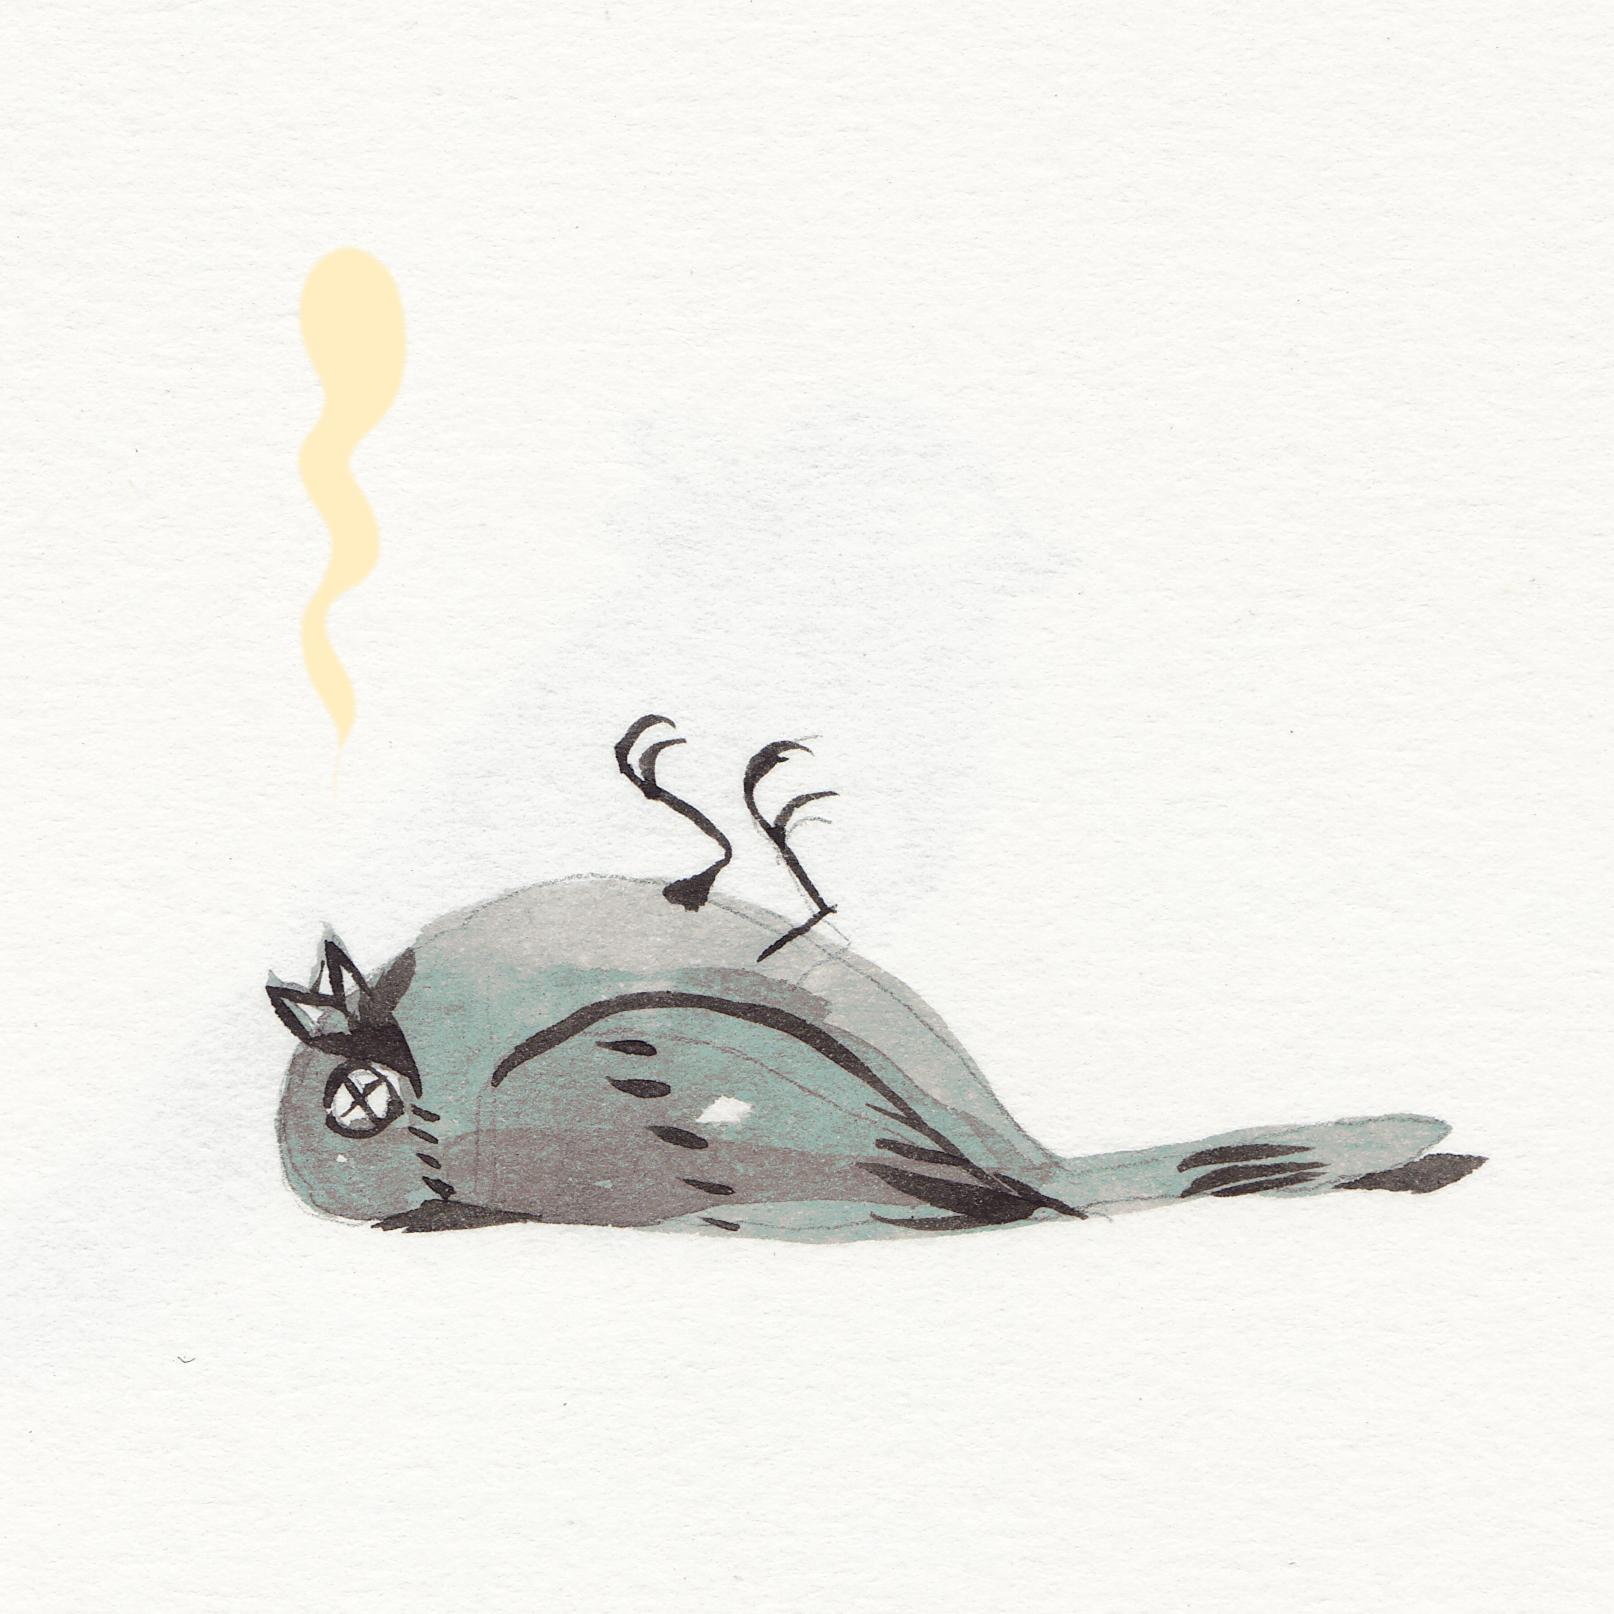 dode mus.jpg